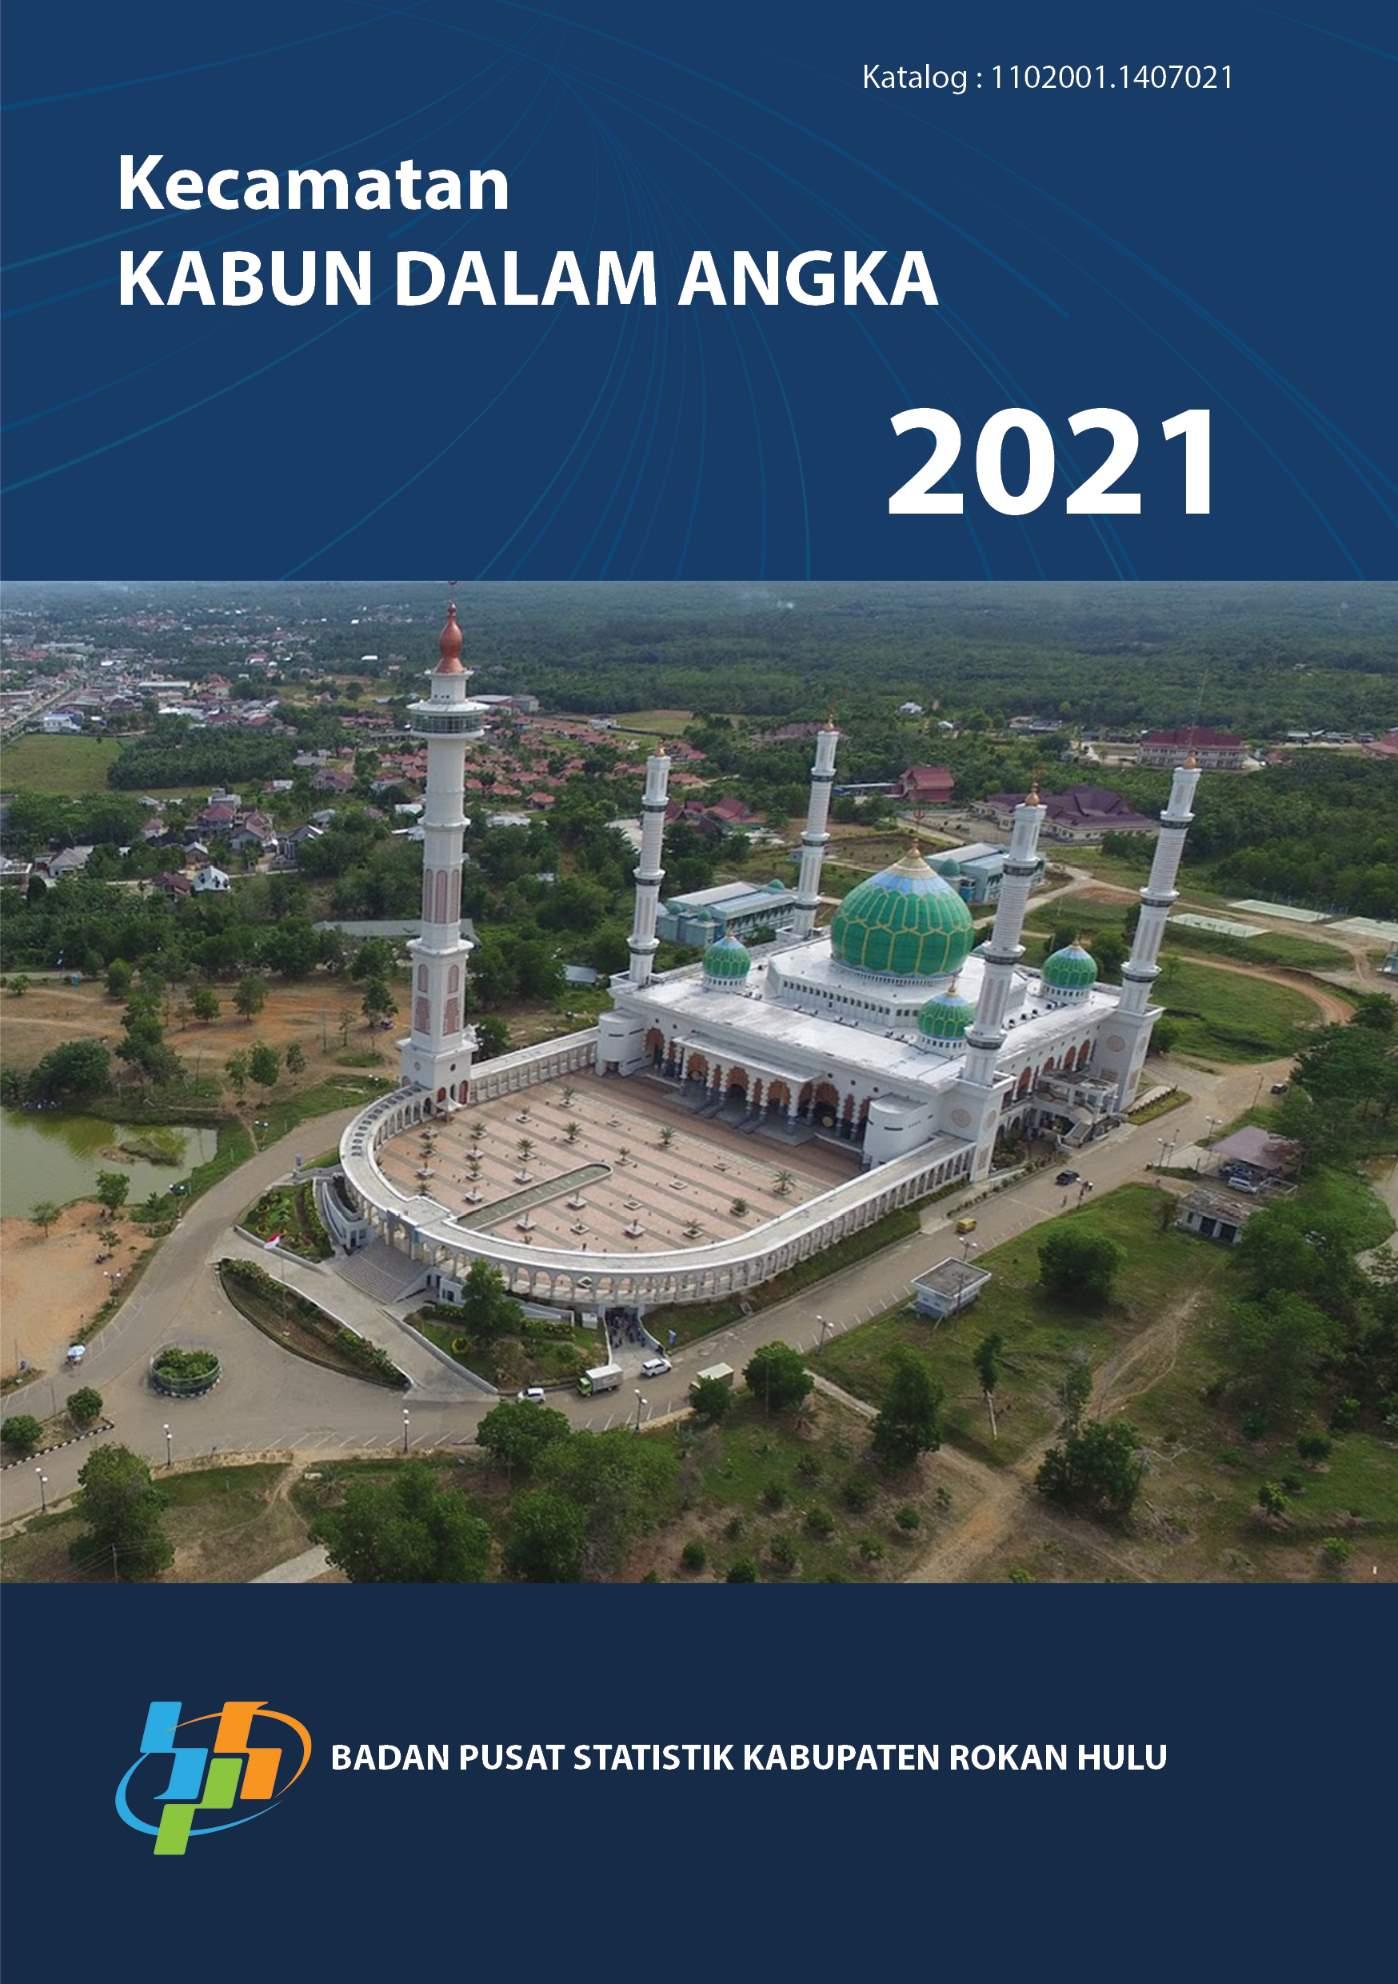 Kecamatan Kabun dalam angka 2021 [sumber elektronis]